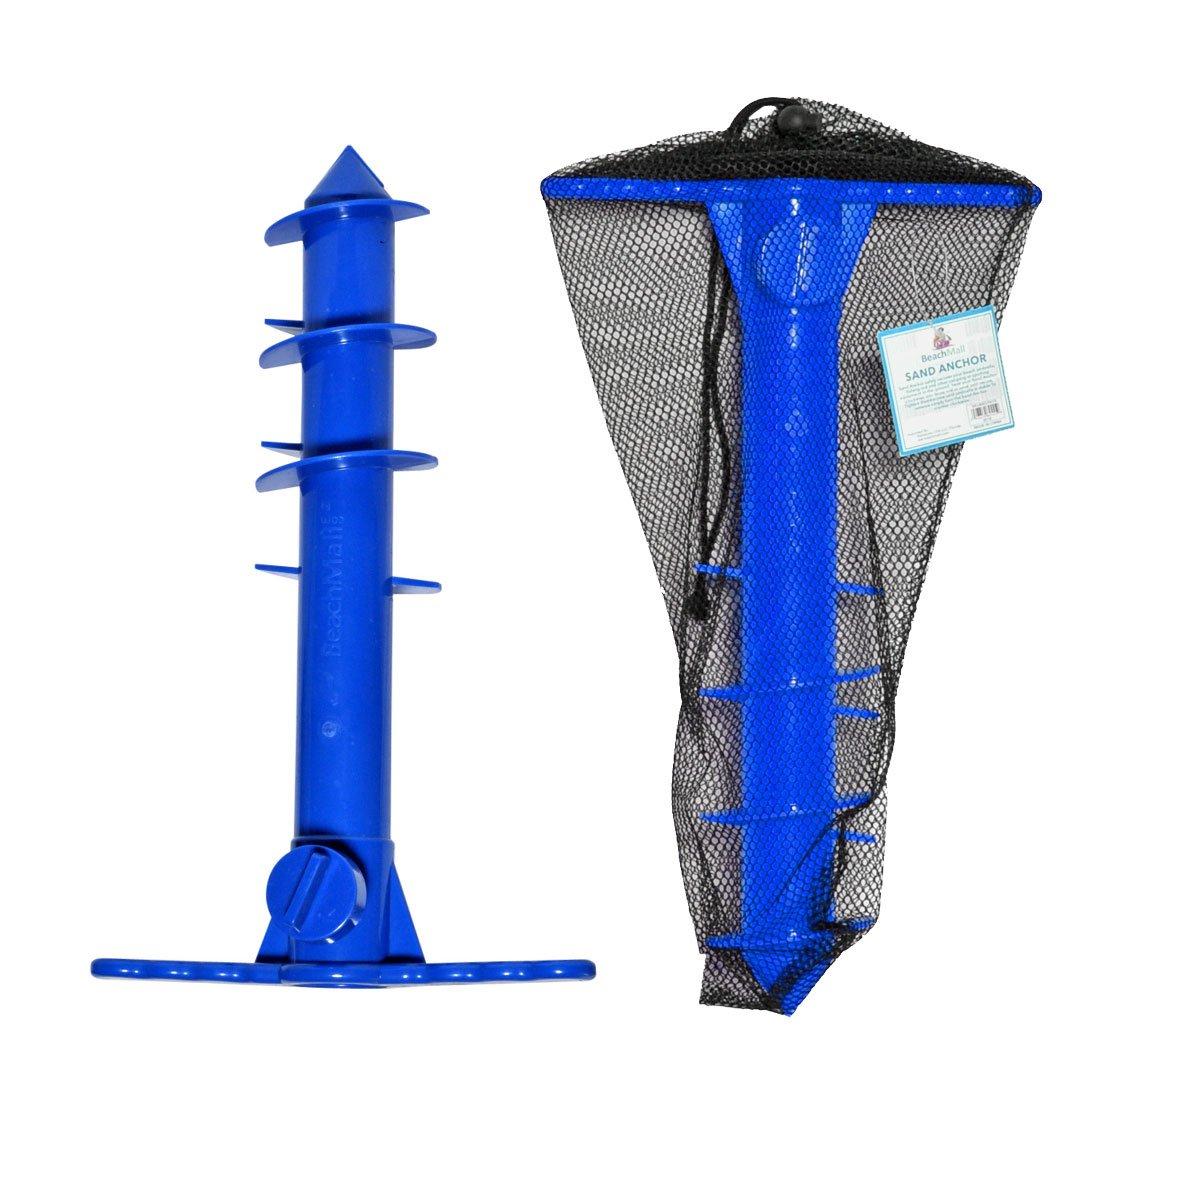 サンドアンカー/ Auger forビーチUmbrellas Add Mesh Carry Bag ブルー B01HB3HBQO